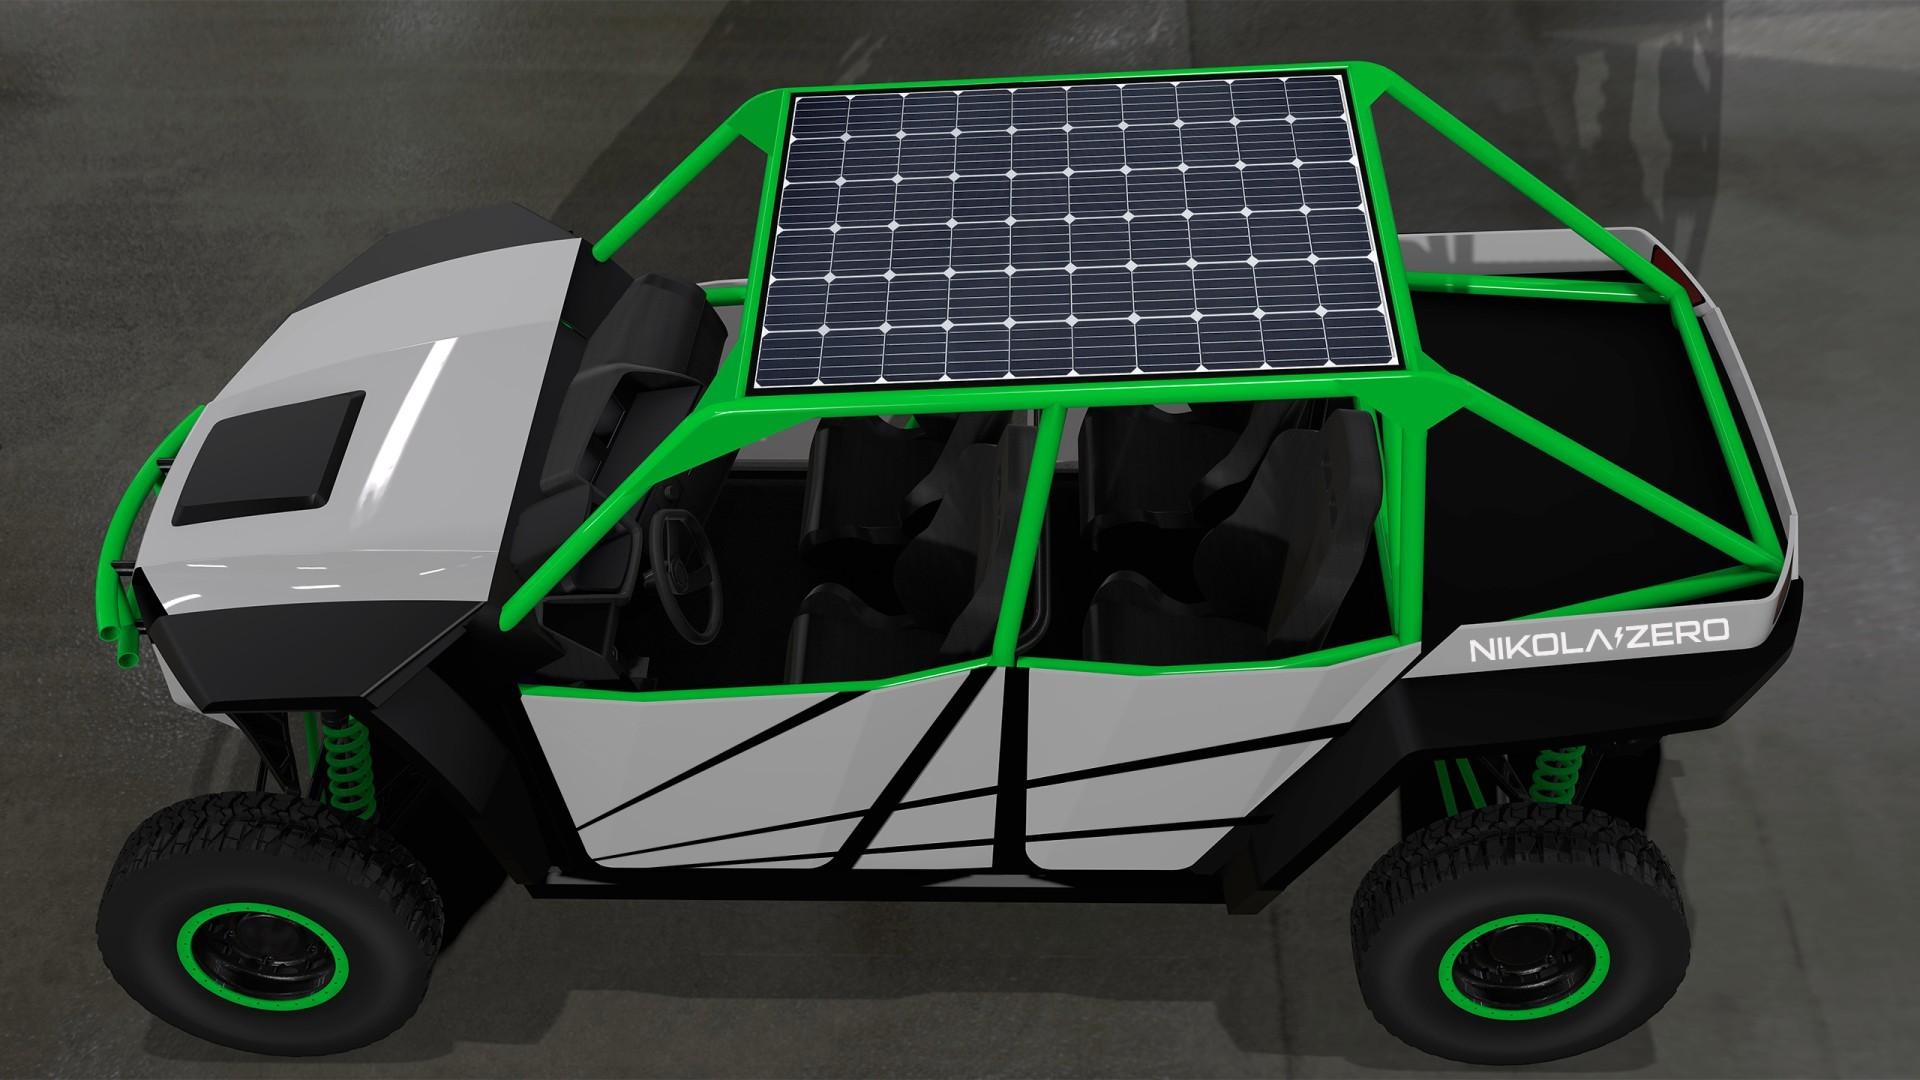 Мечта дальнобойщика. Электрический тягач Nikola One доступен для предзаказа - 8